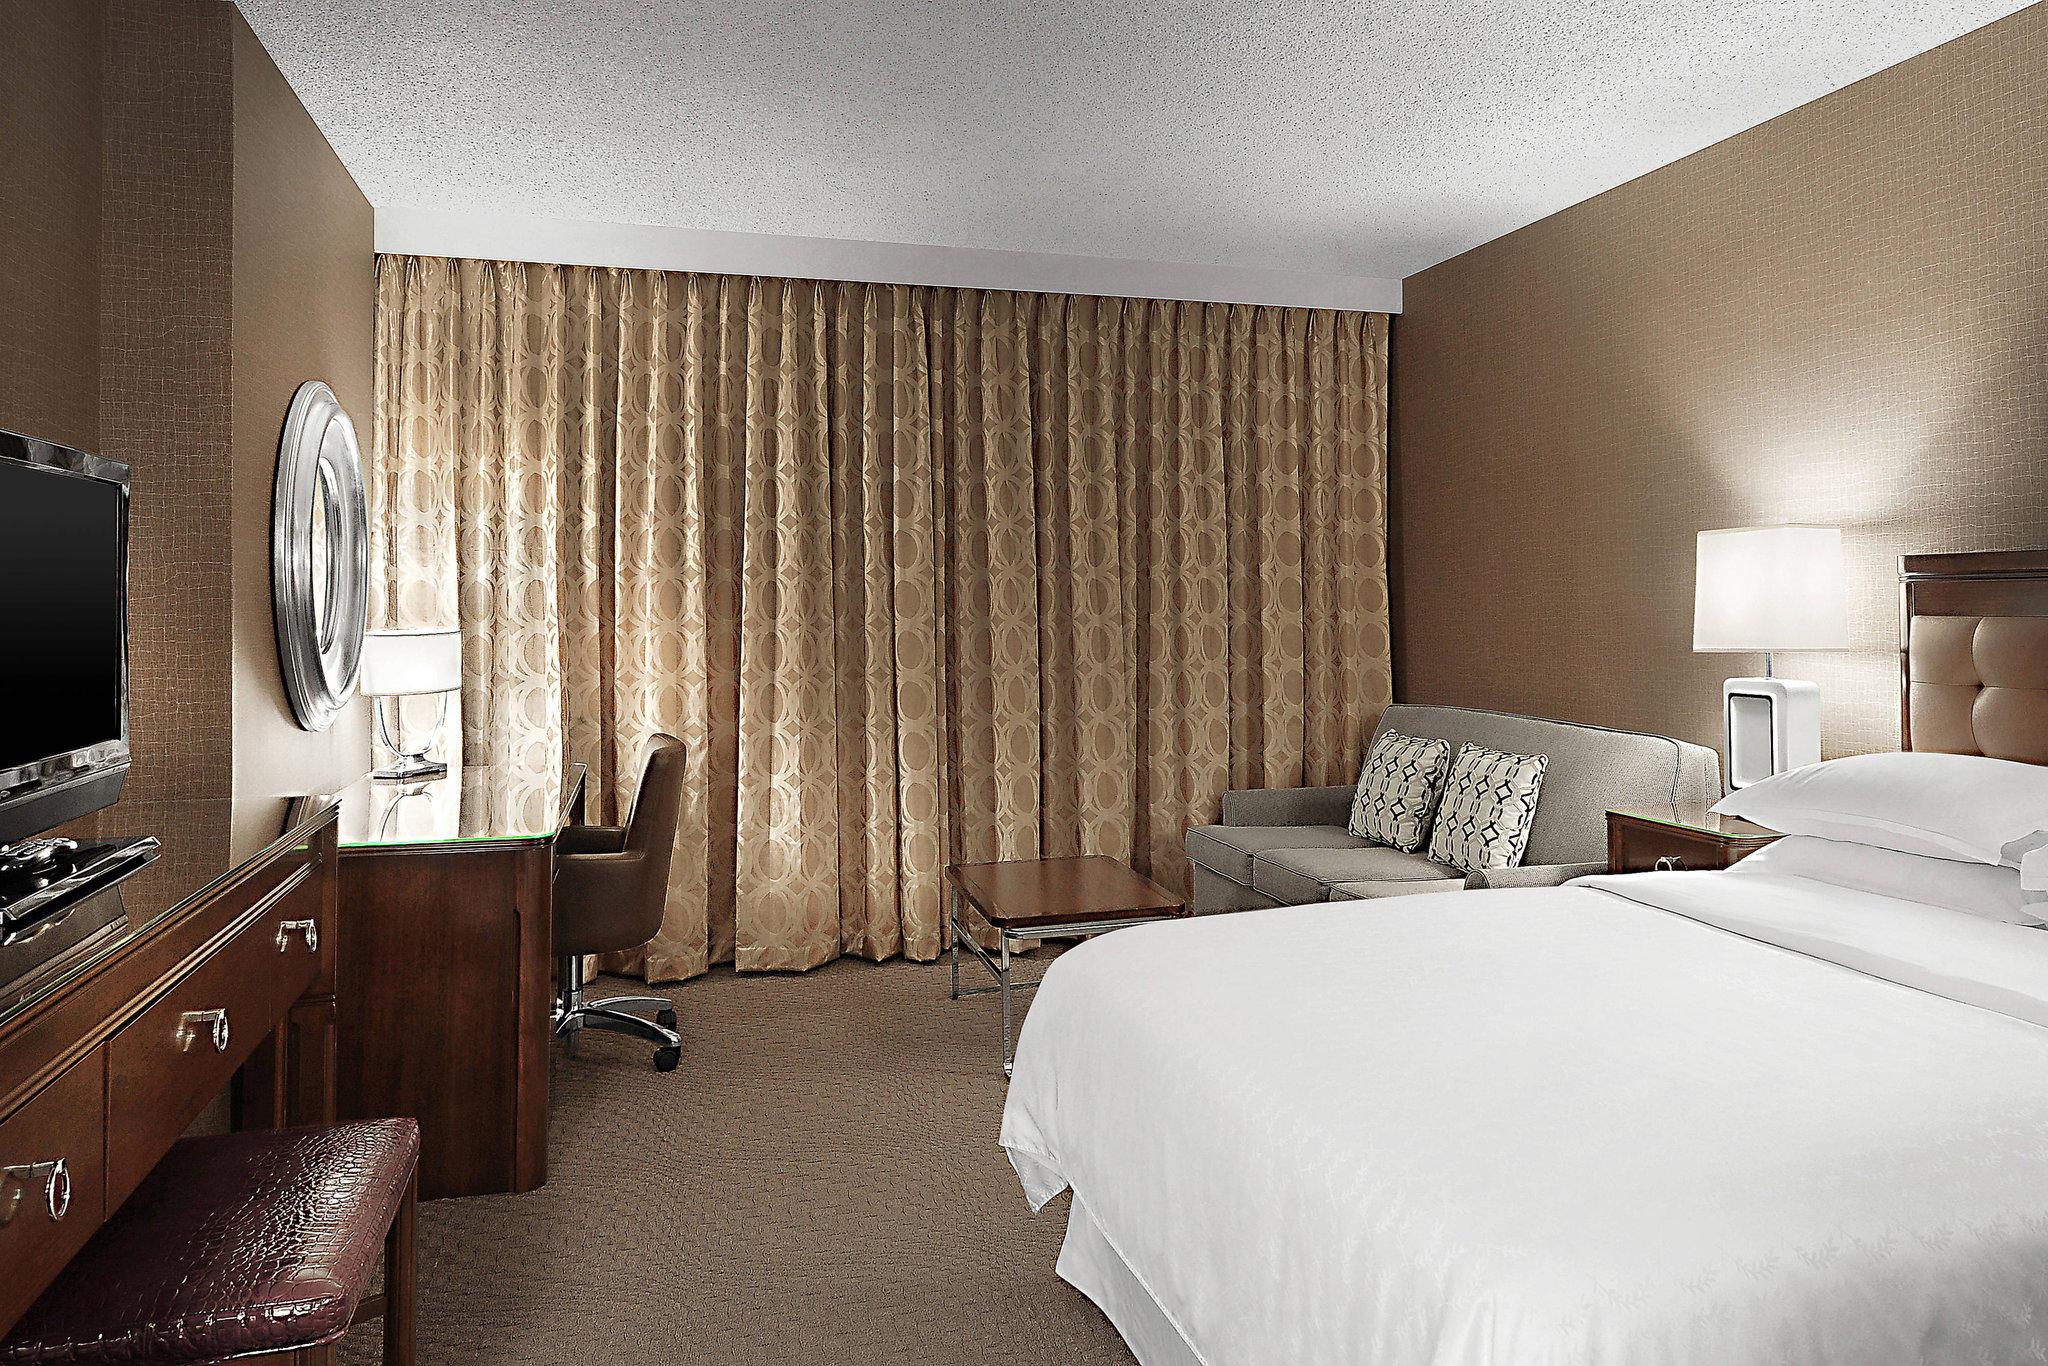 Sheraton Cavalier Saskatoon Hotel in Saskatoon